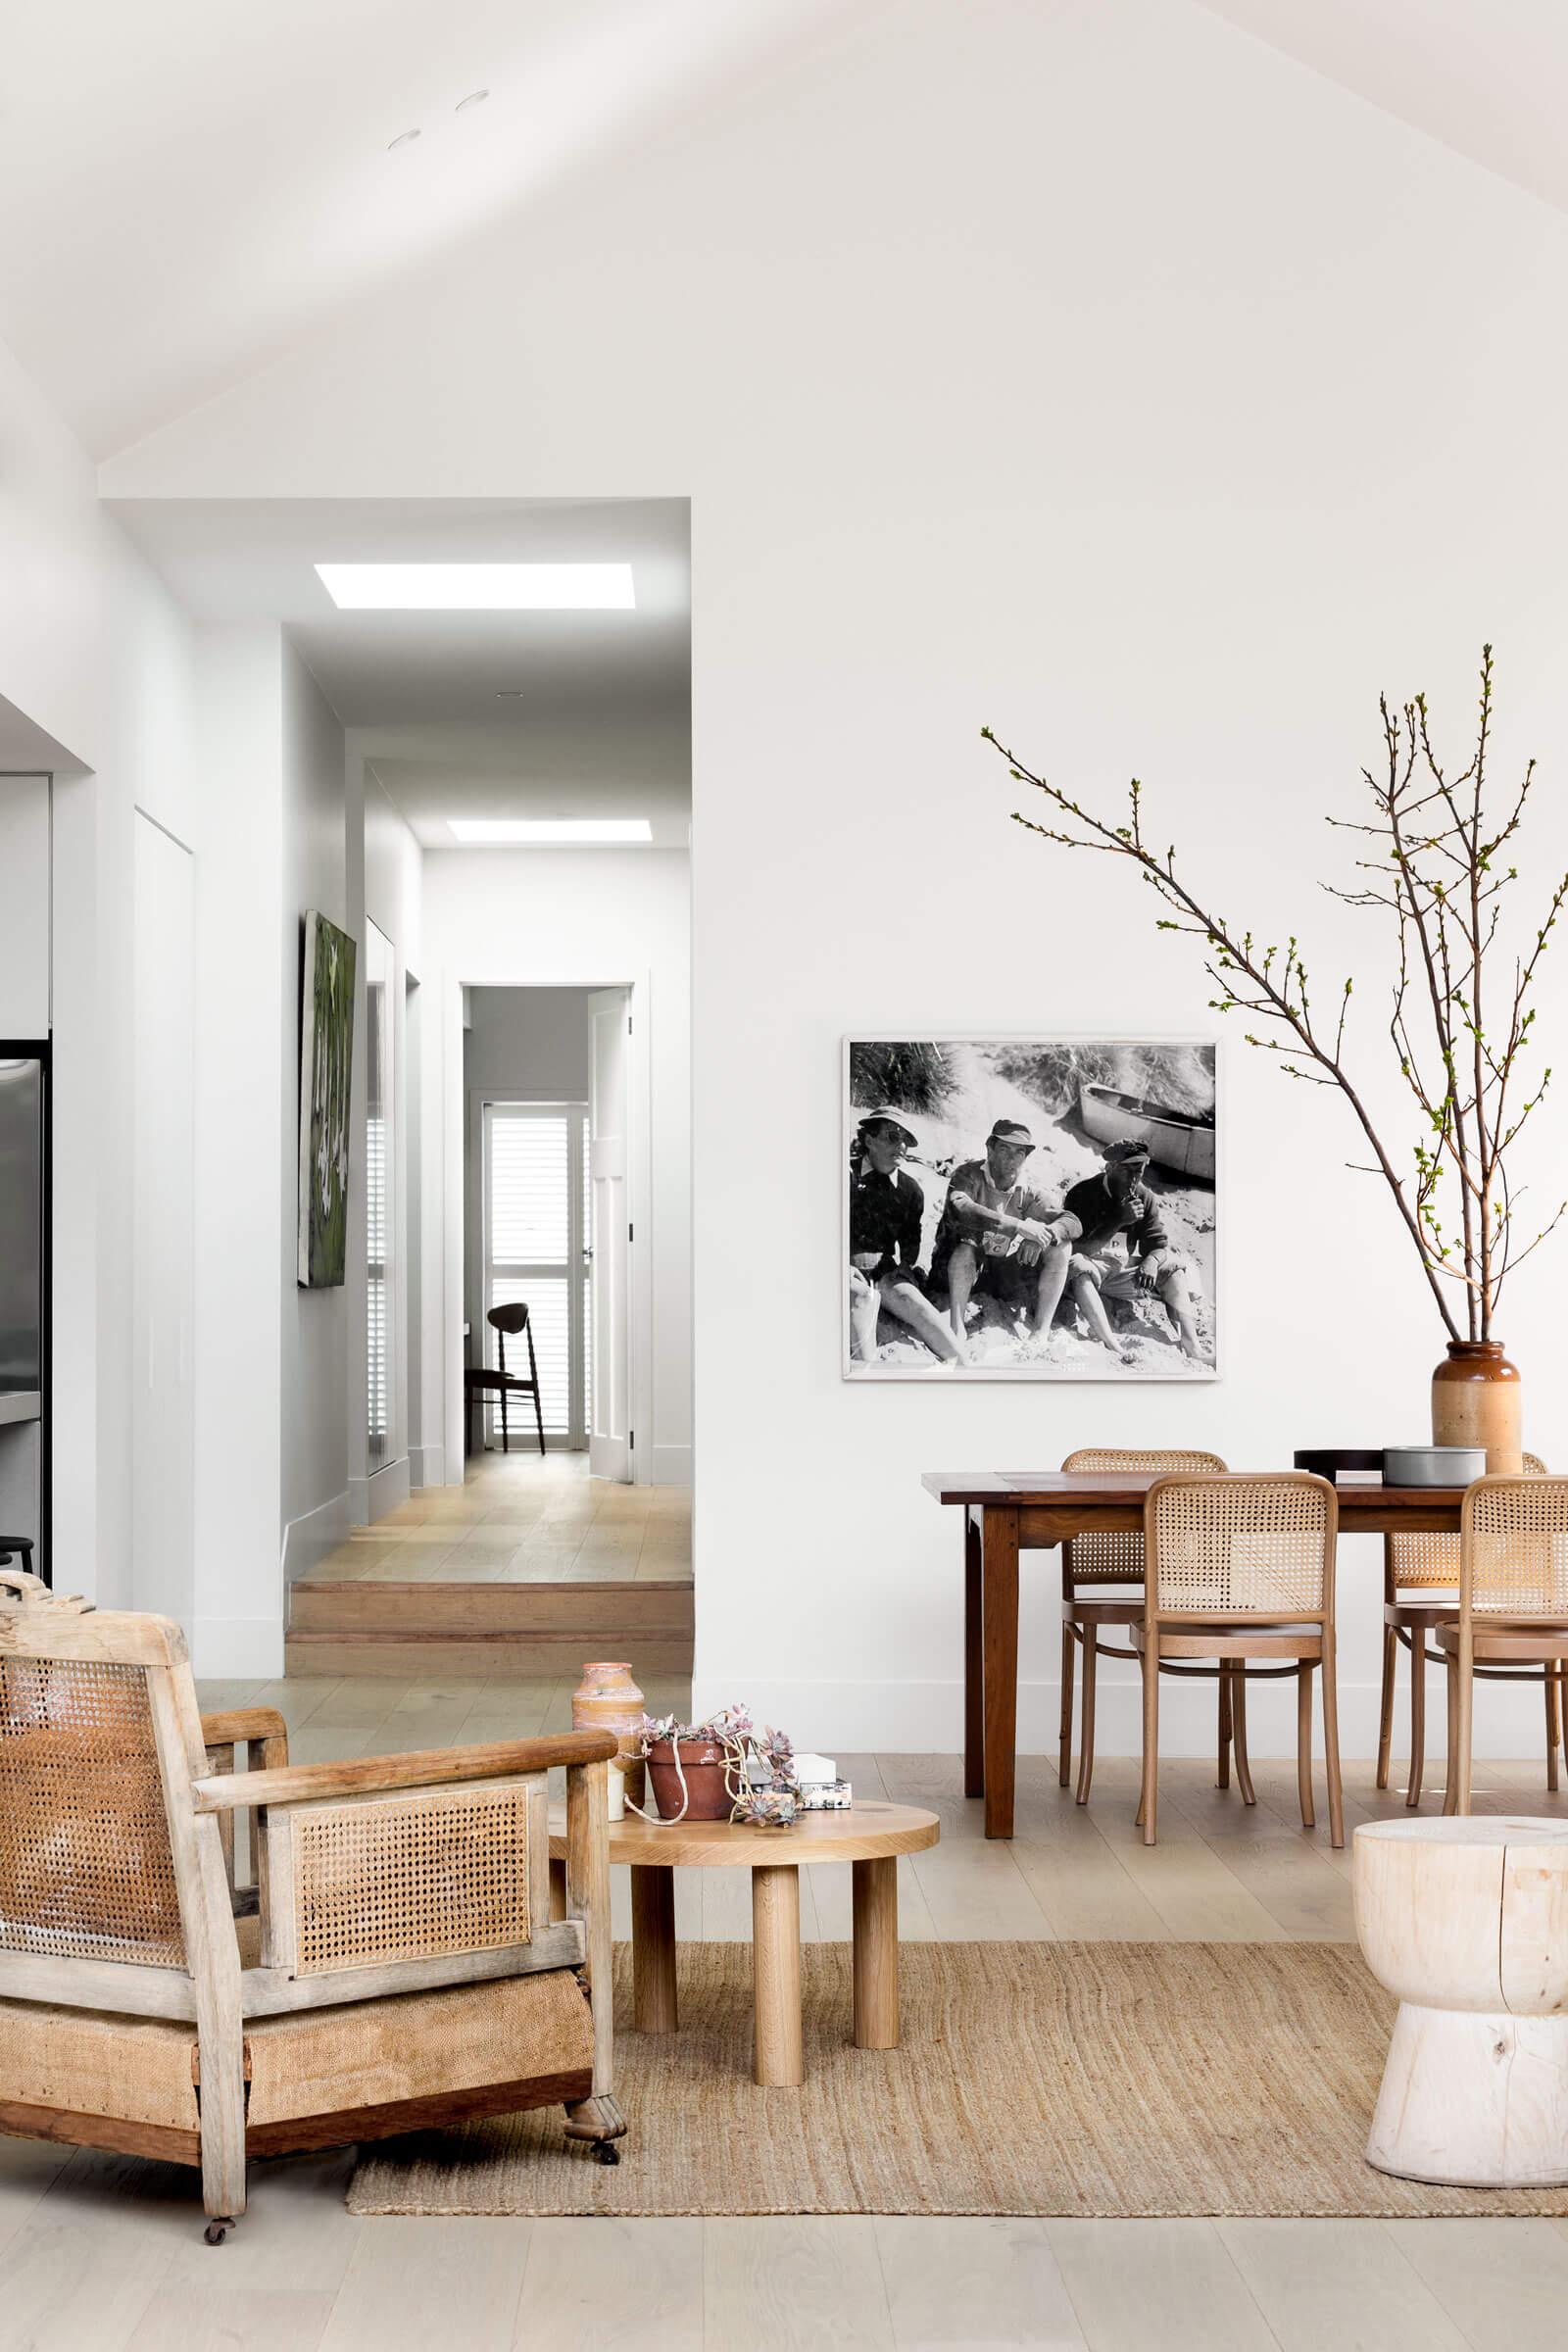 est living caulfield residence pipkorn kilpatrick 03 2